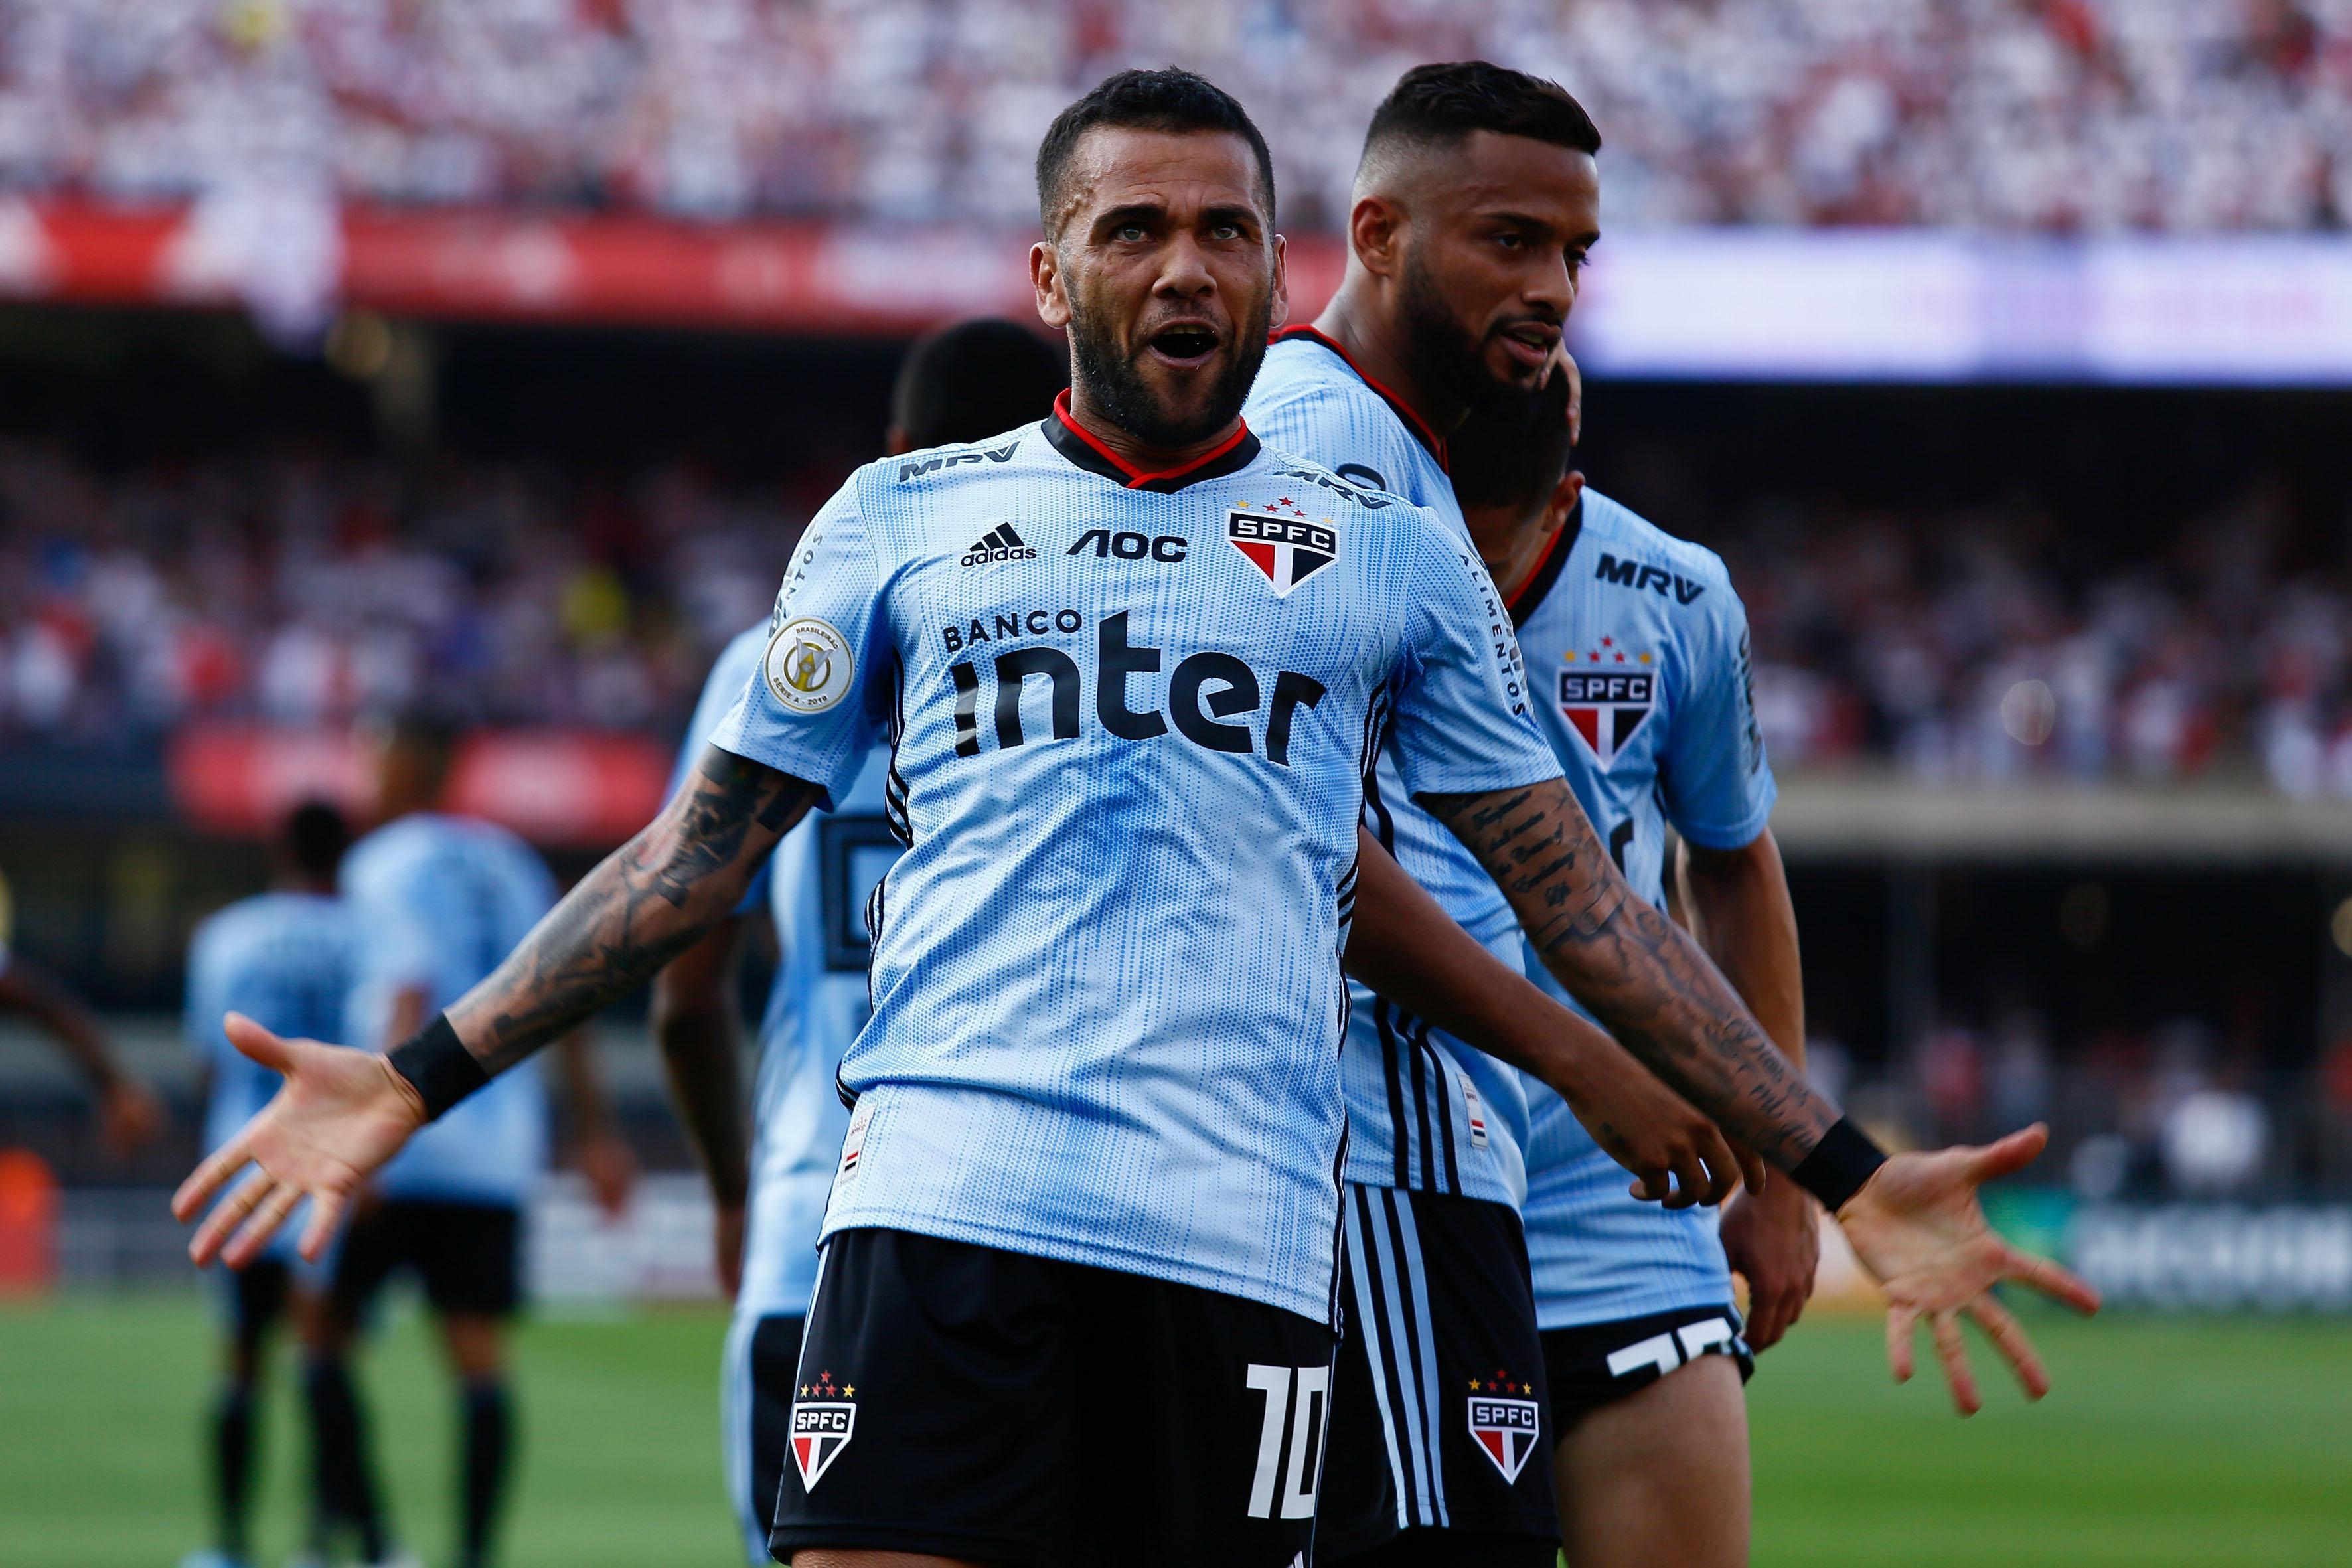 Daniel Alves fez o gol da vitória do São Paulo que está a somente cinco pontos do líder e pode diminuir a diferença para dois caso vença o jogo que tem a menos.